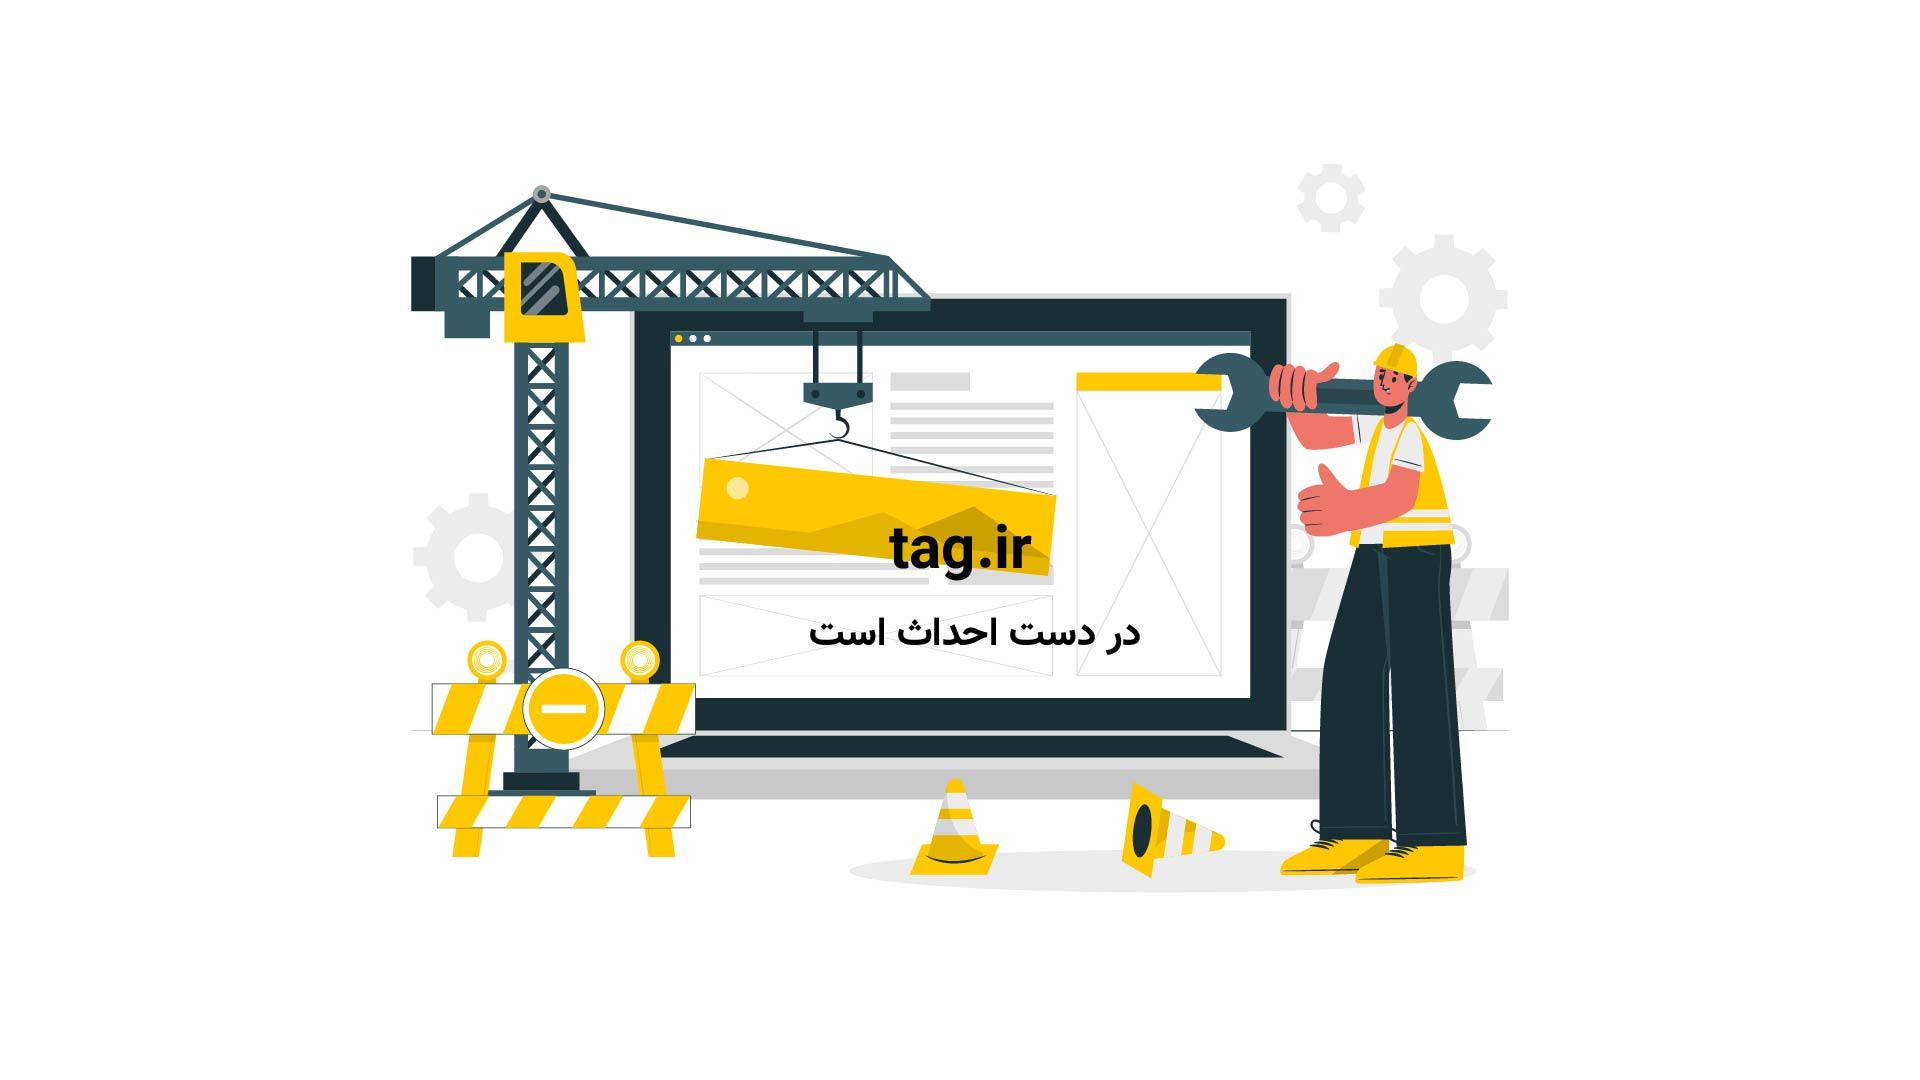 سخنرانیهای تد؛ شخصی که توانایی صحبت و حرکت کردن را از دست داد، ولی... | فیلم